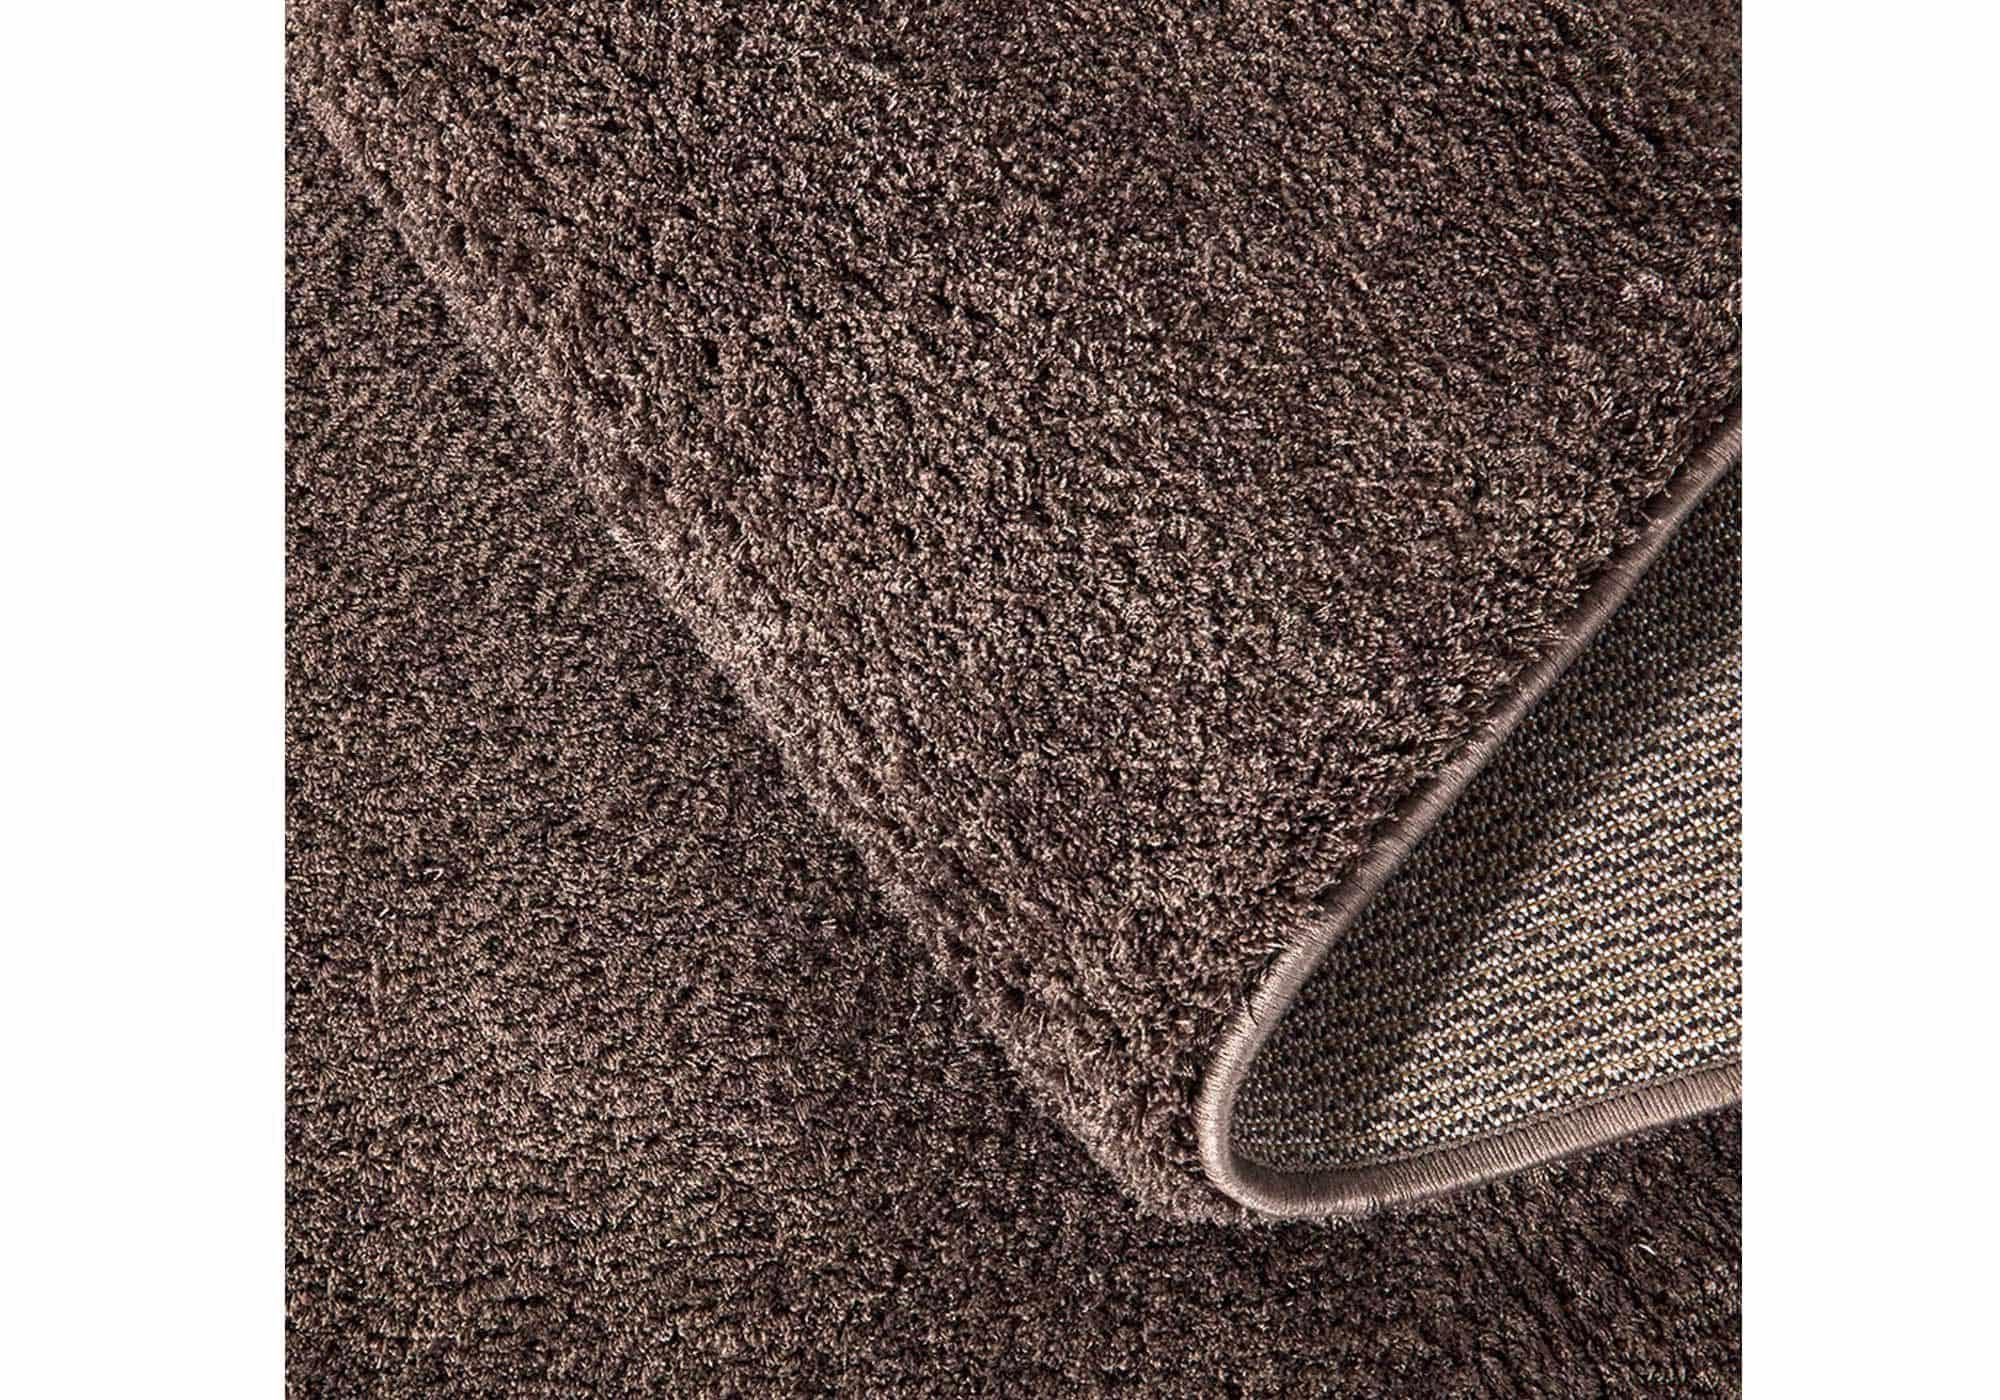 Hochflor-Teppich 60 x 110 cm - caramel - 30 mm - weich - Delgardo 501